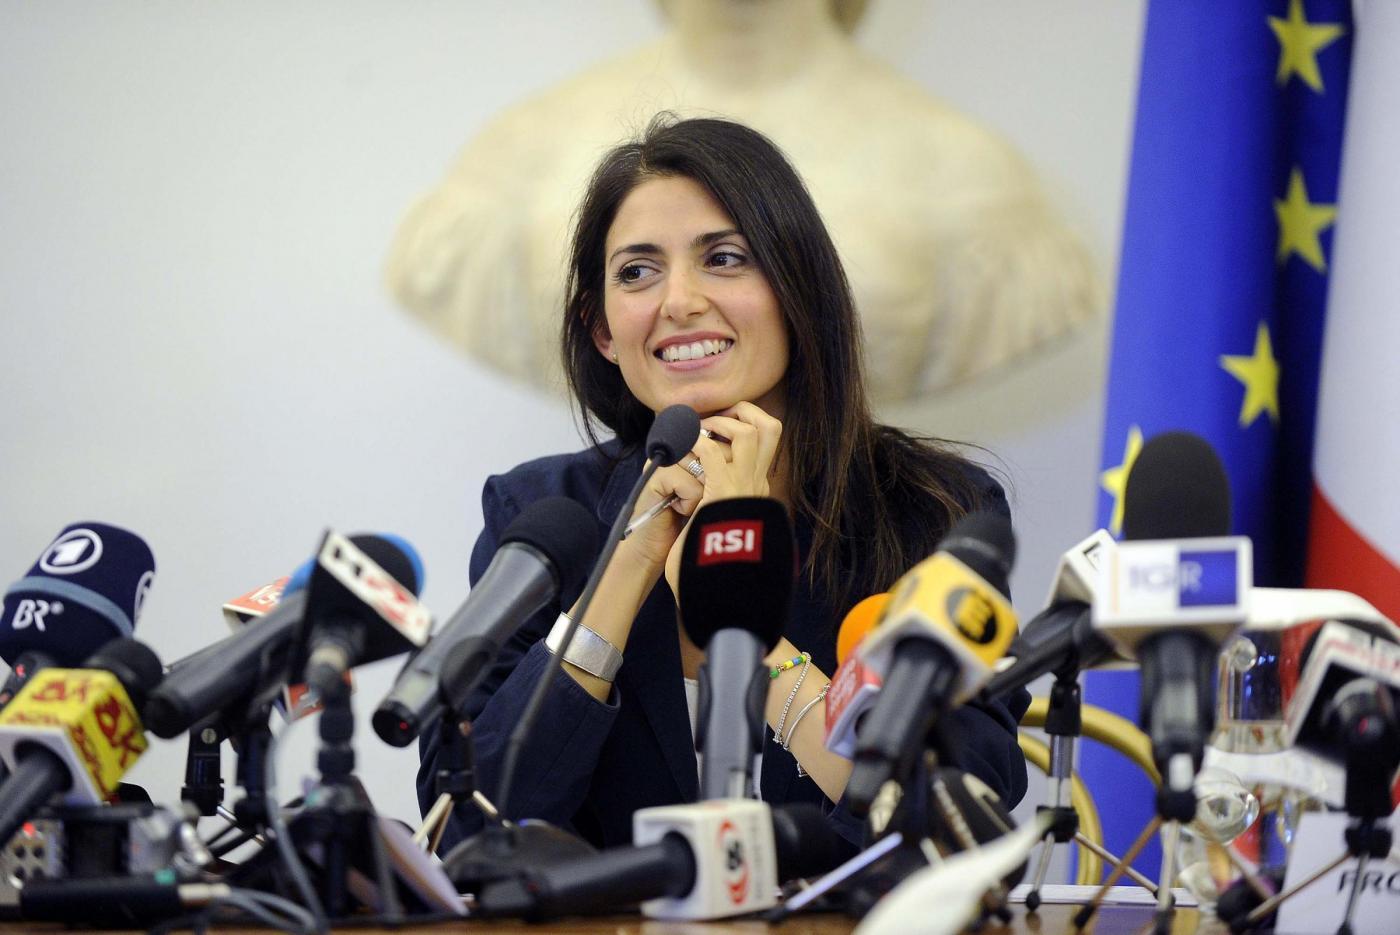 Conferenza stampa di Virginia Raggi sulla candidatura di Roma alle Olimpiadi del 2024